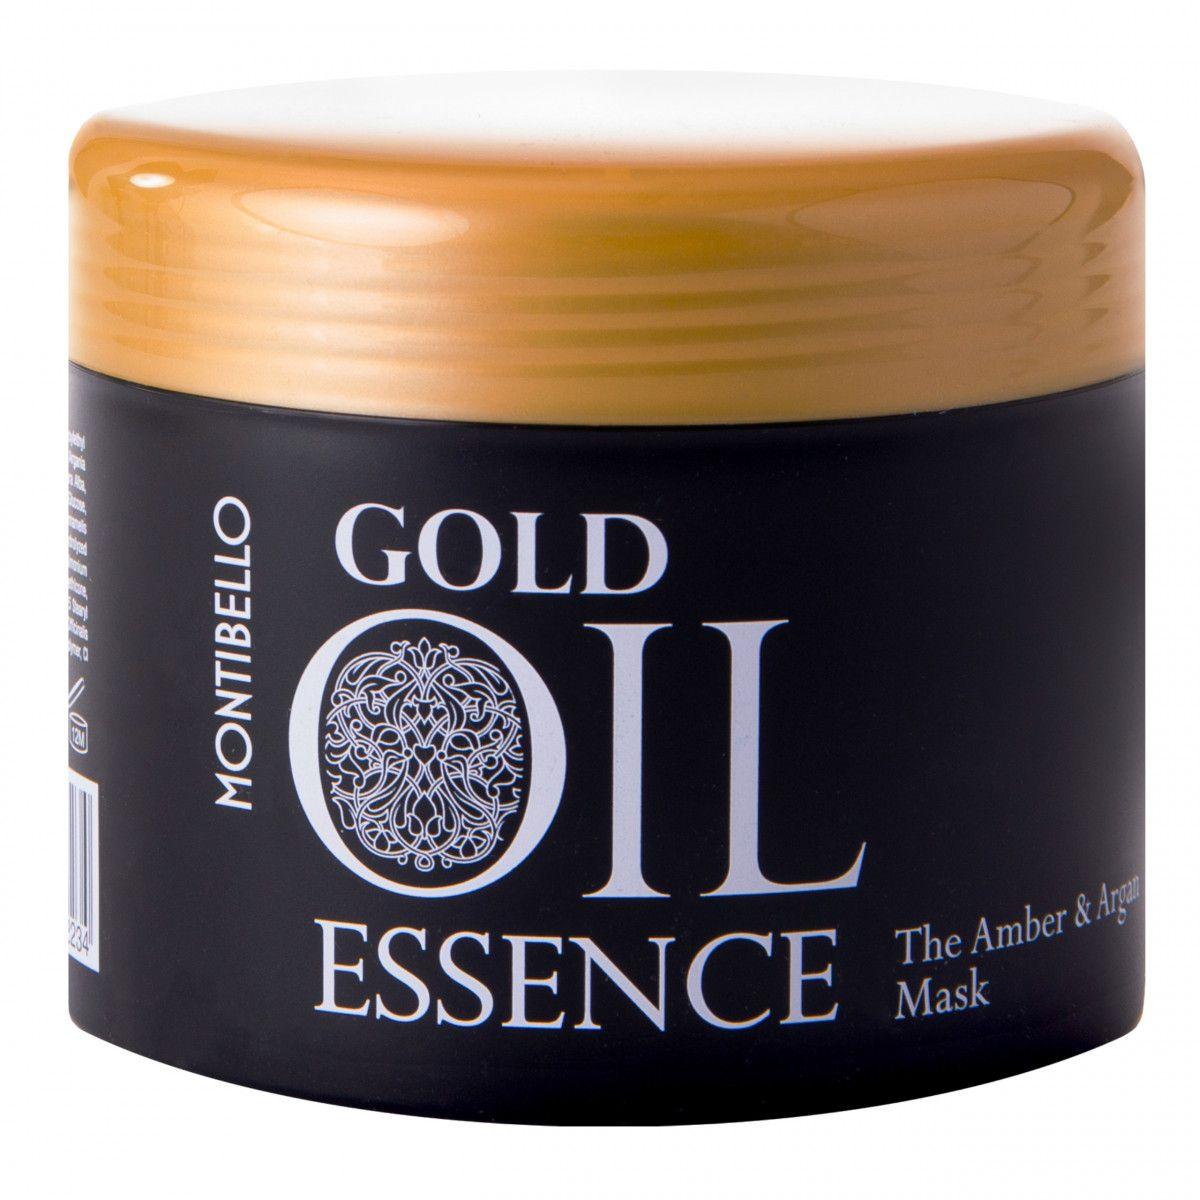 Montibello Gold Oil Essence maska nawilżająca wzmacnia i zapobiega puszeniu 500 ml